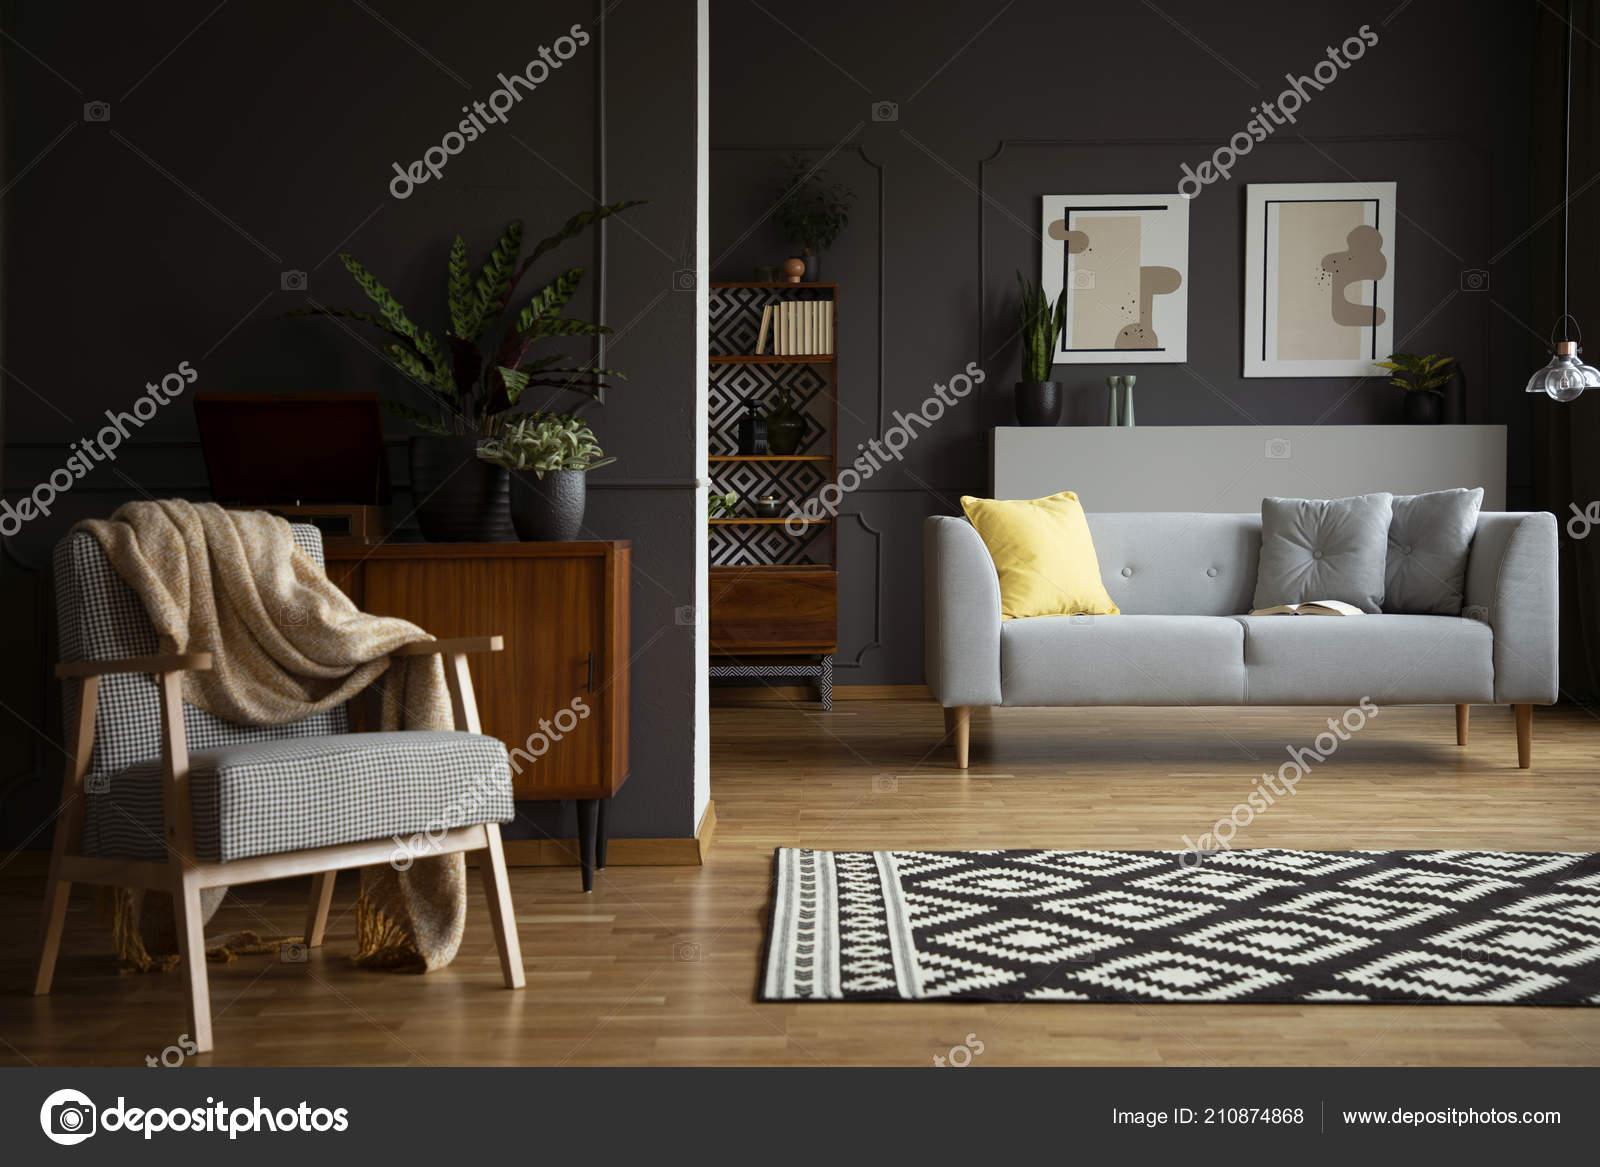 Decke Auf Sessel Neben Gemusterten Teppich Wohnzimmer ...